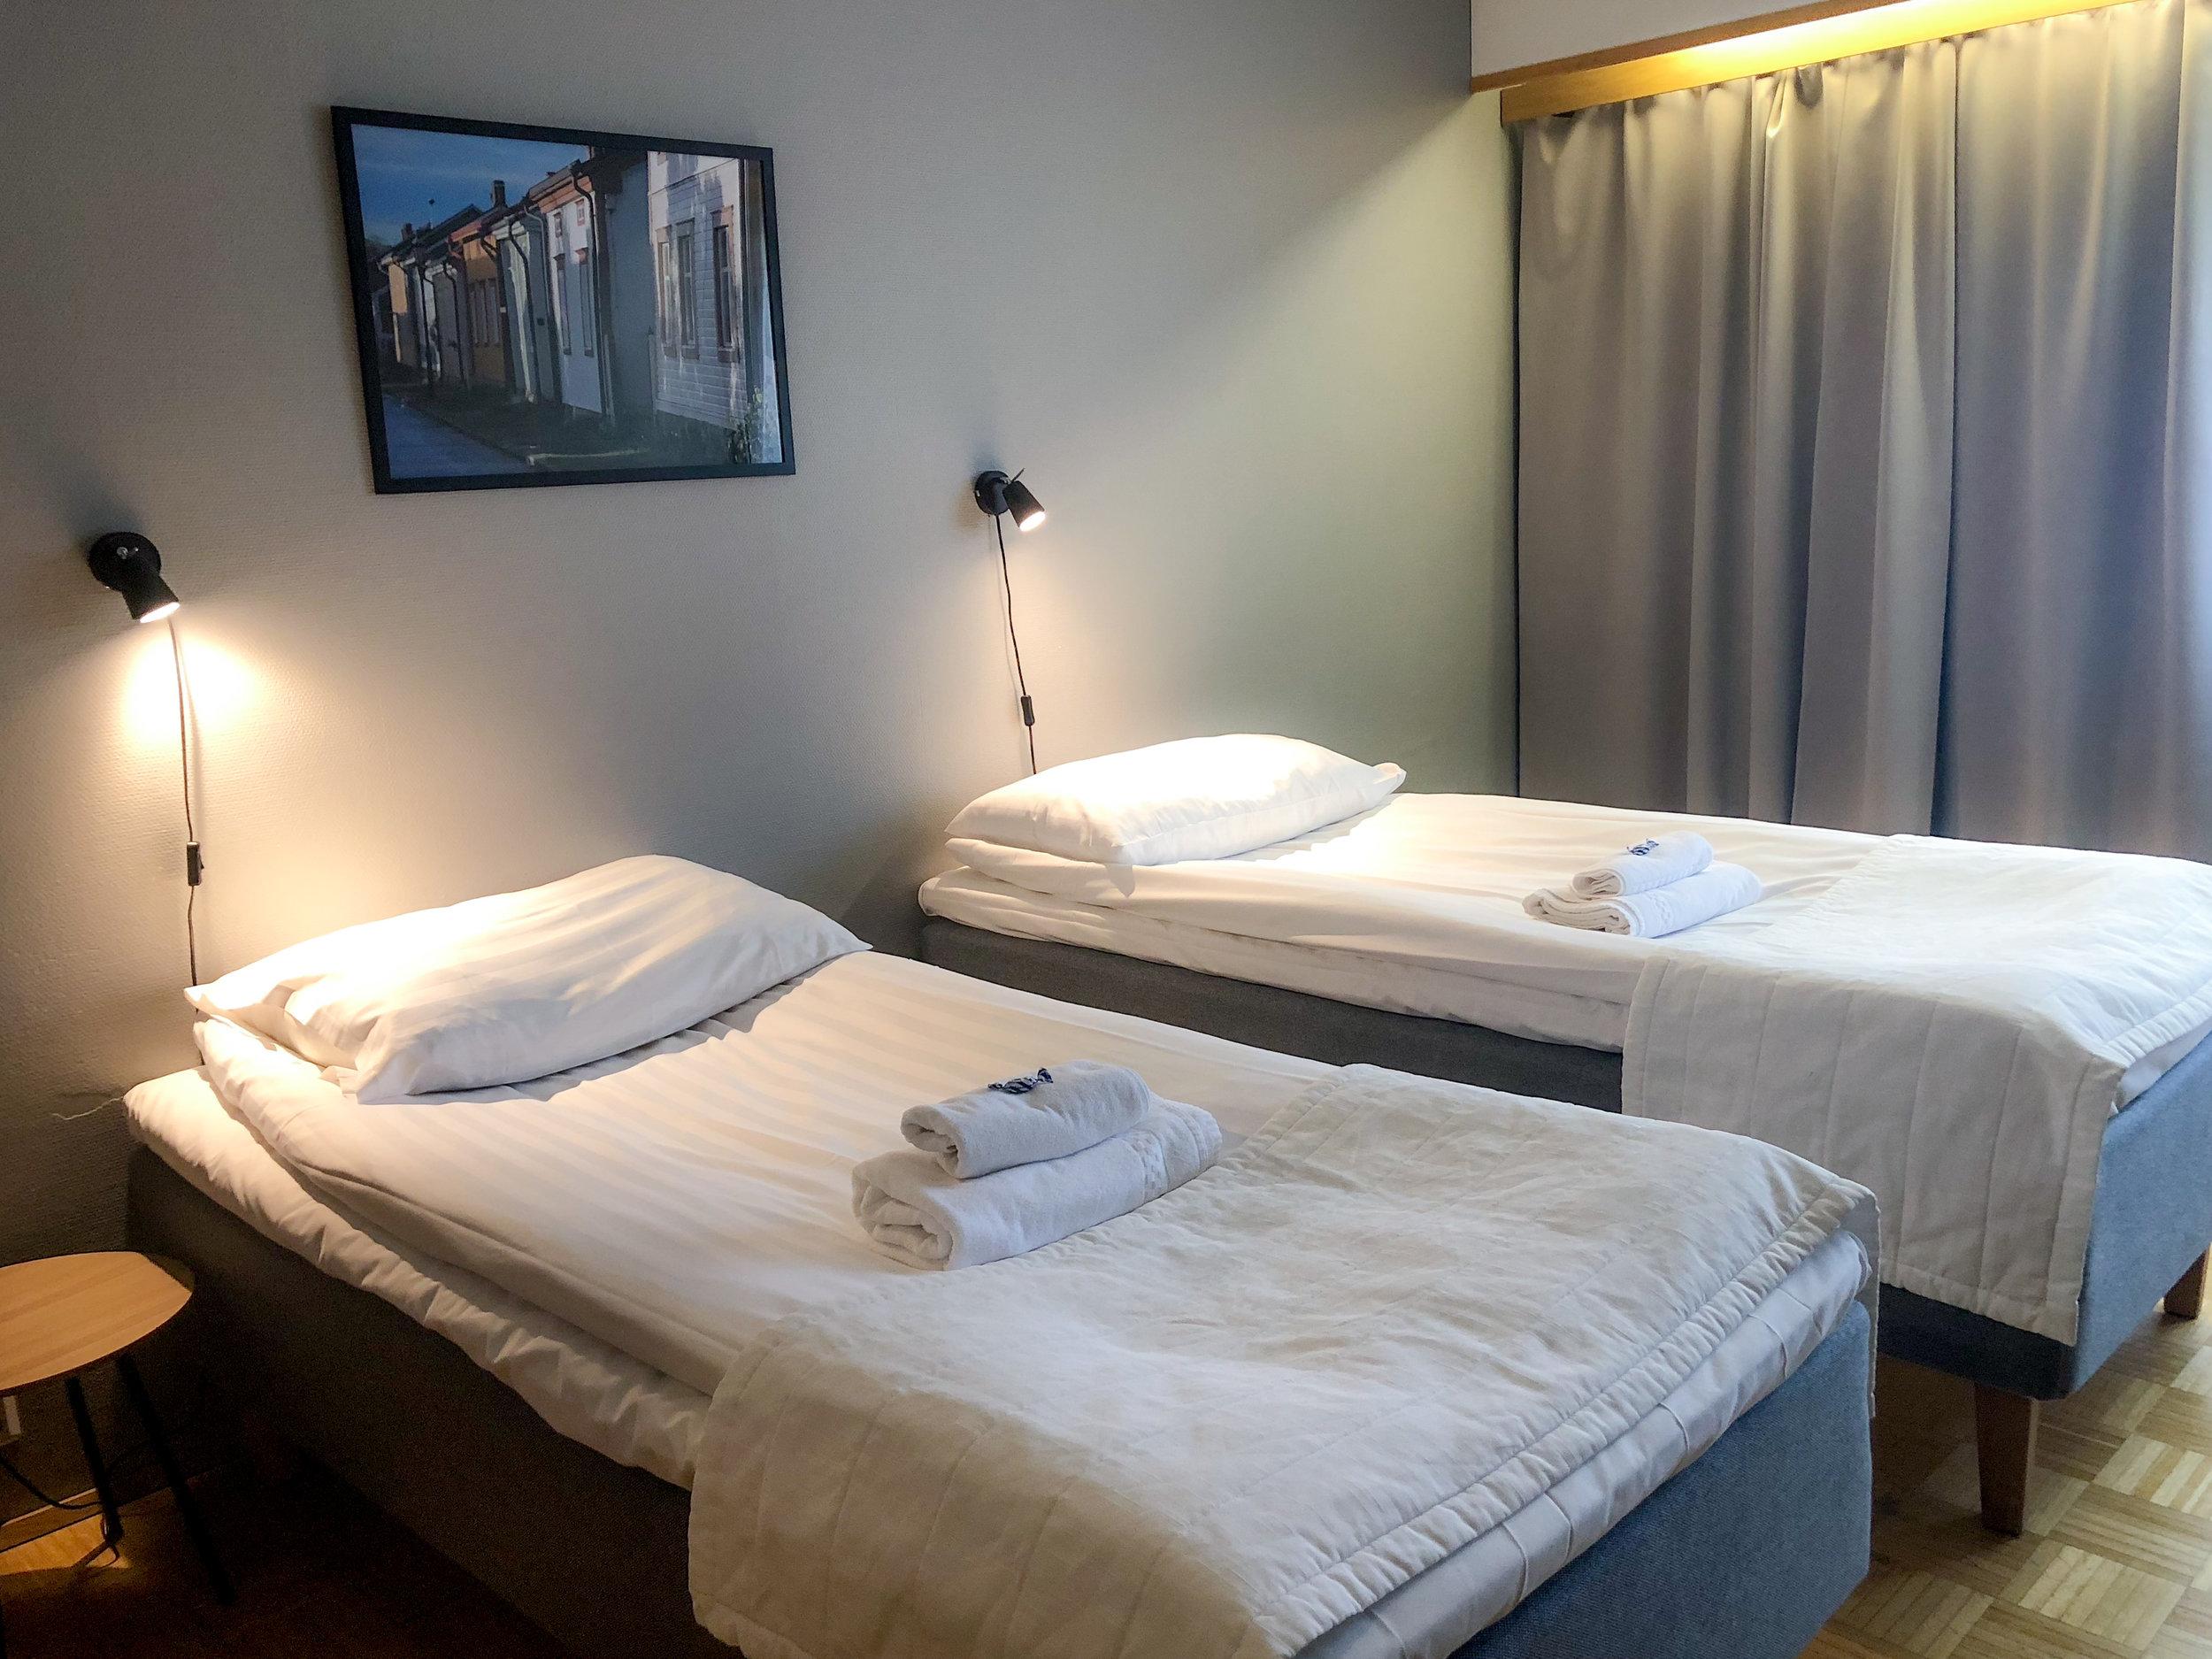 STANDARD 2hh - Hinnat alk. 105€/yöKaikissa kahden hengen huoneissamme on oma wc/suihku, jääkaappi, pöytä ja televisio.Huone on varattavissa saatavuuden mukaan joko erillisillä vuoteilla tai parivuoteella.VARAA PUHELIMITSE 06 82 43 200TAI SÄHKÖPOSTITSE nukkumatti(at)picante.fi